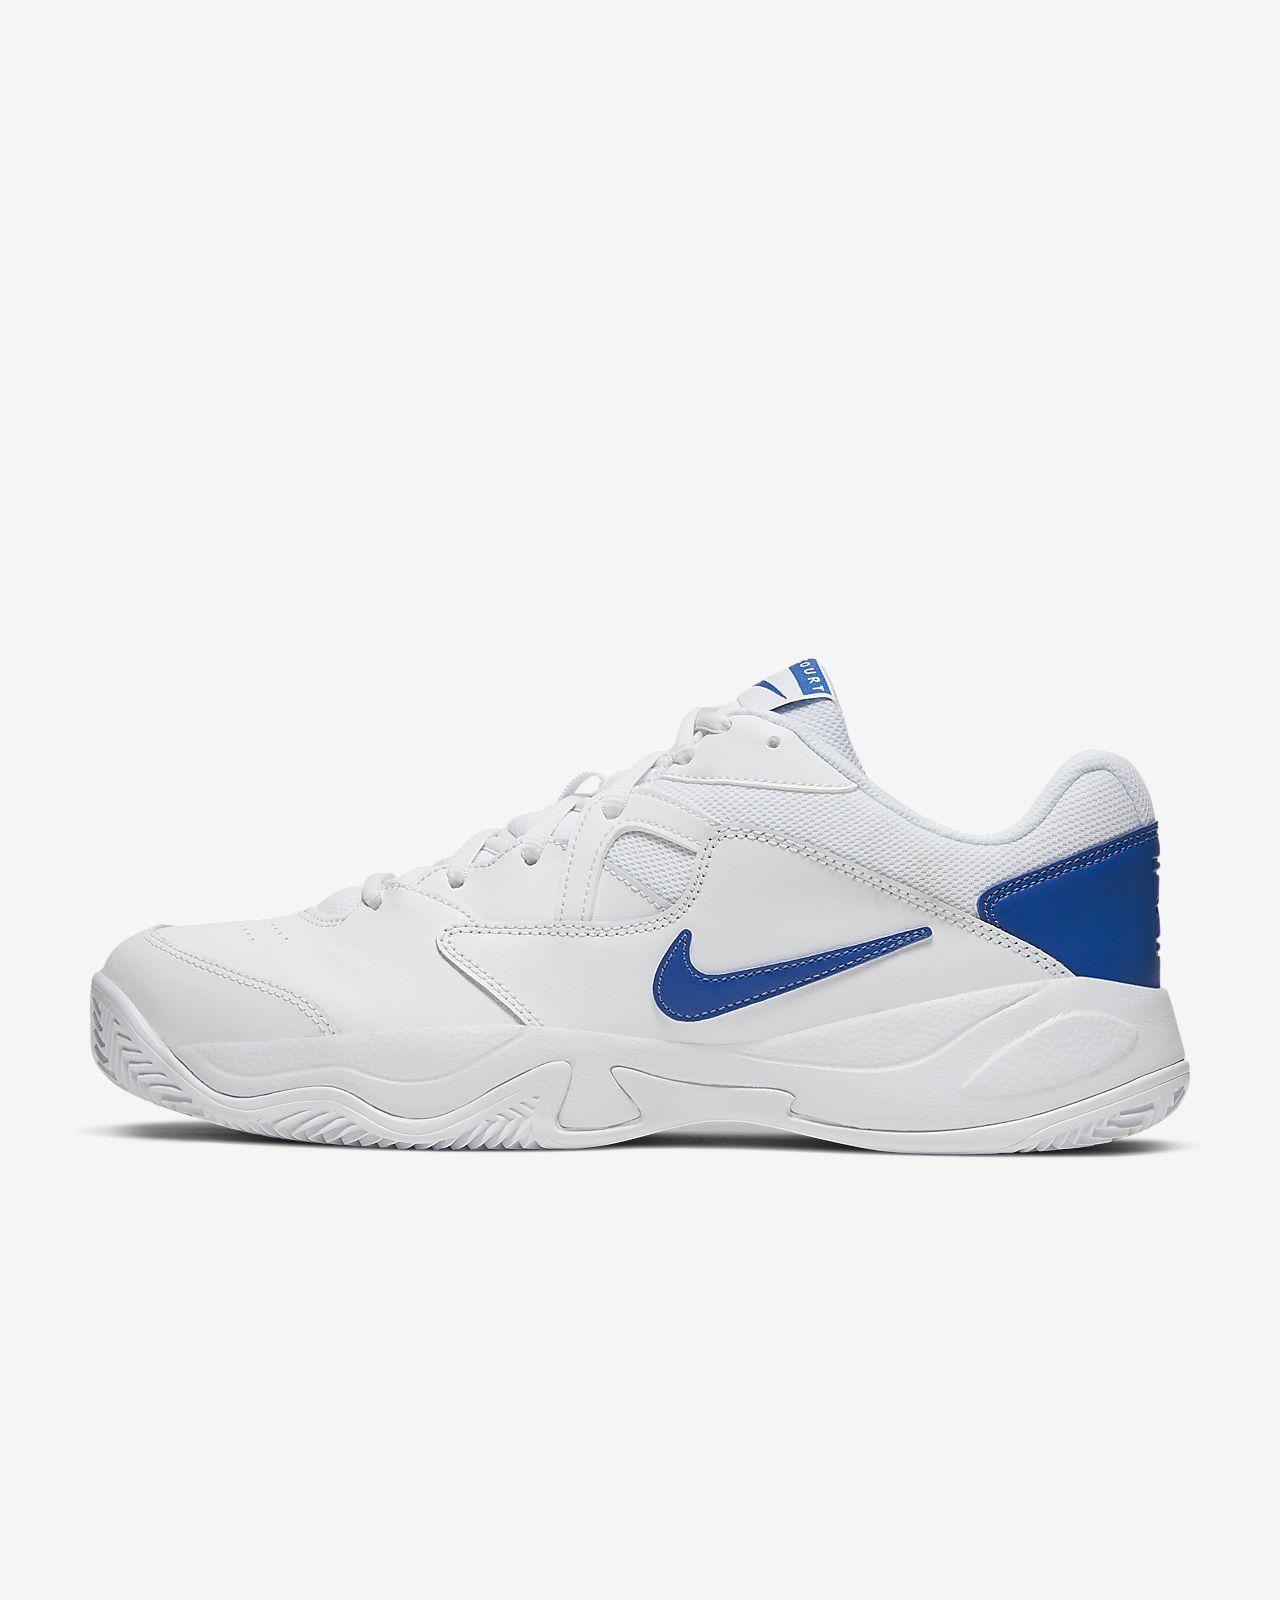 NikeCourt Lite 2 Zapatillas de tenis para tierra batida - Hombre